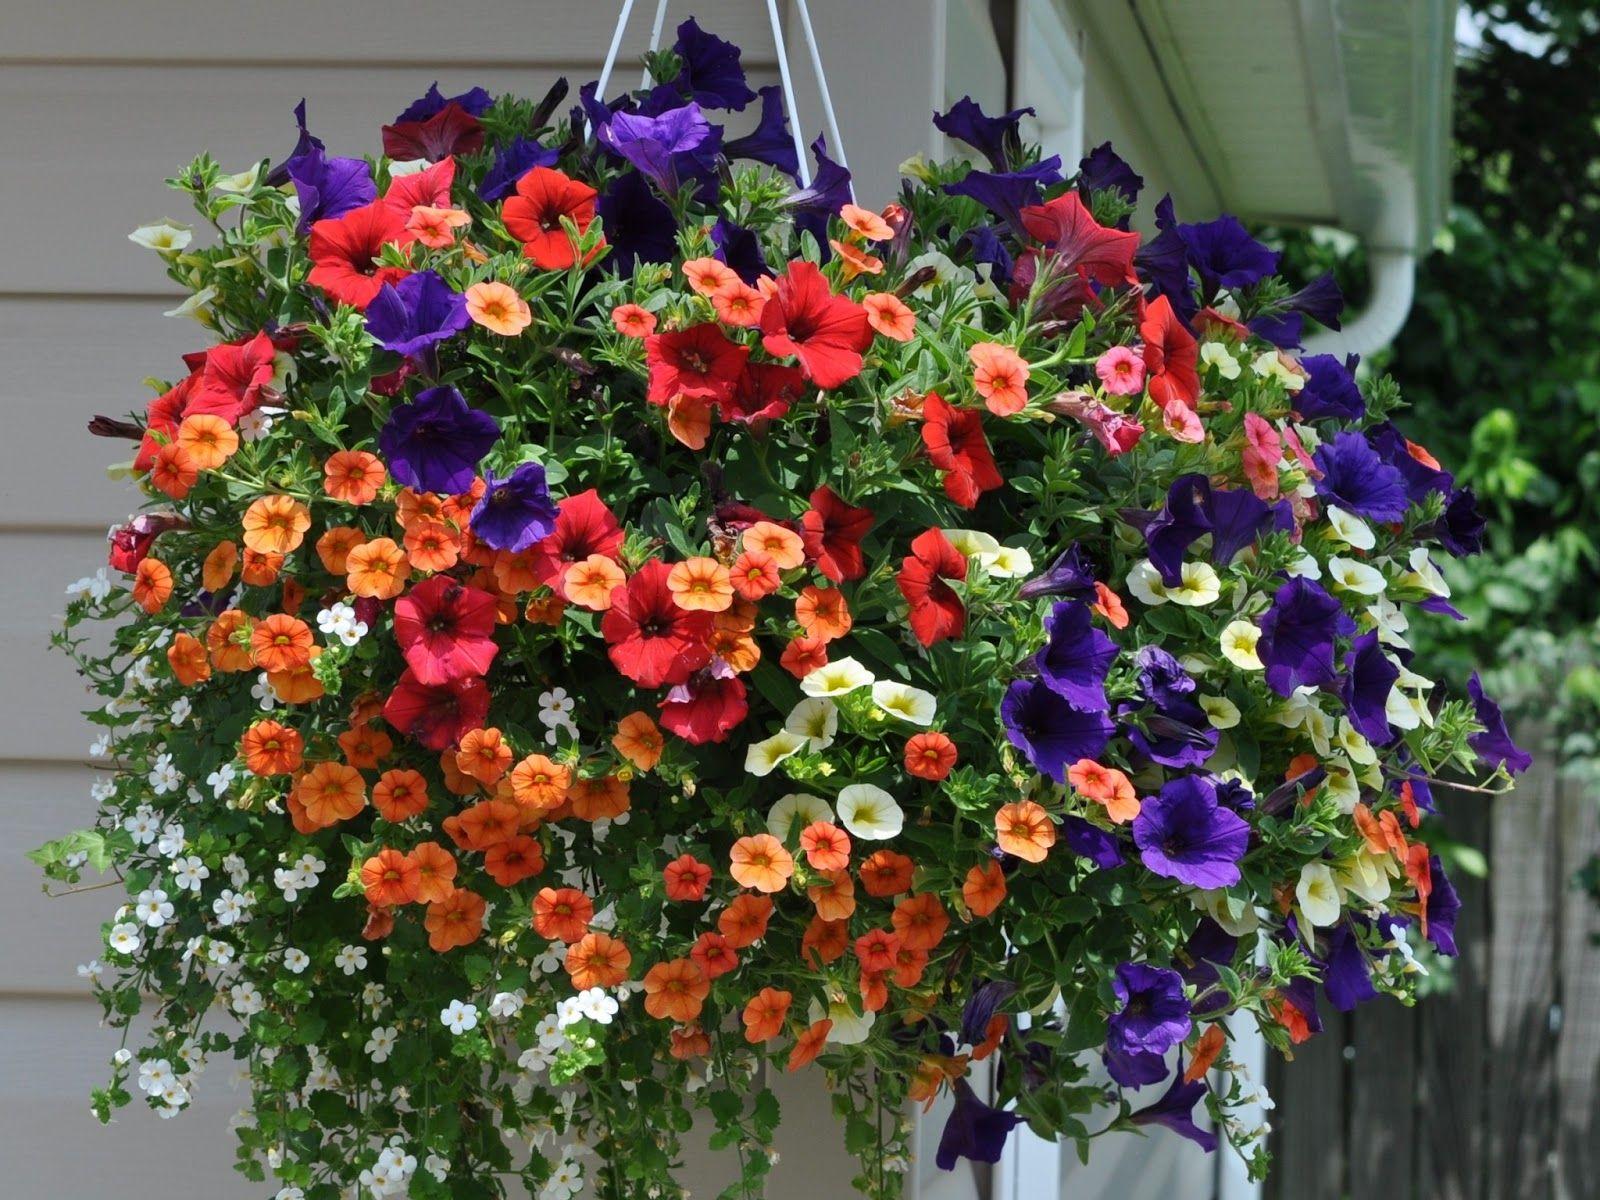 Summer Flowers Hanging Basket Hanging Flower Baskets